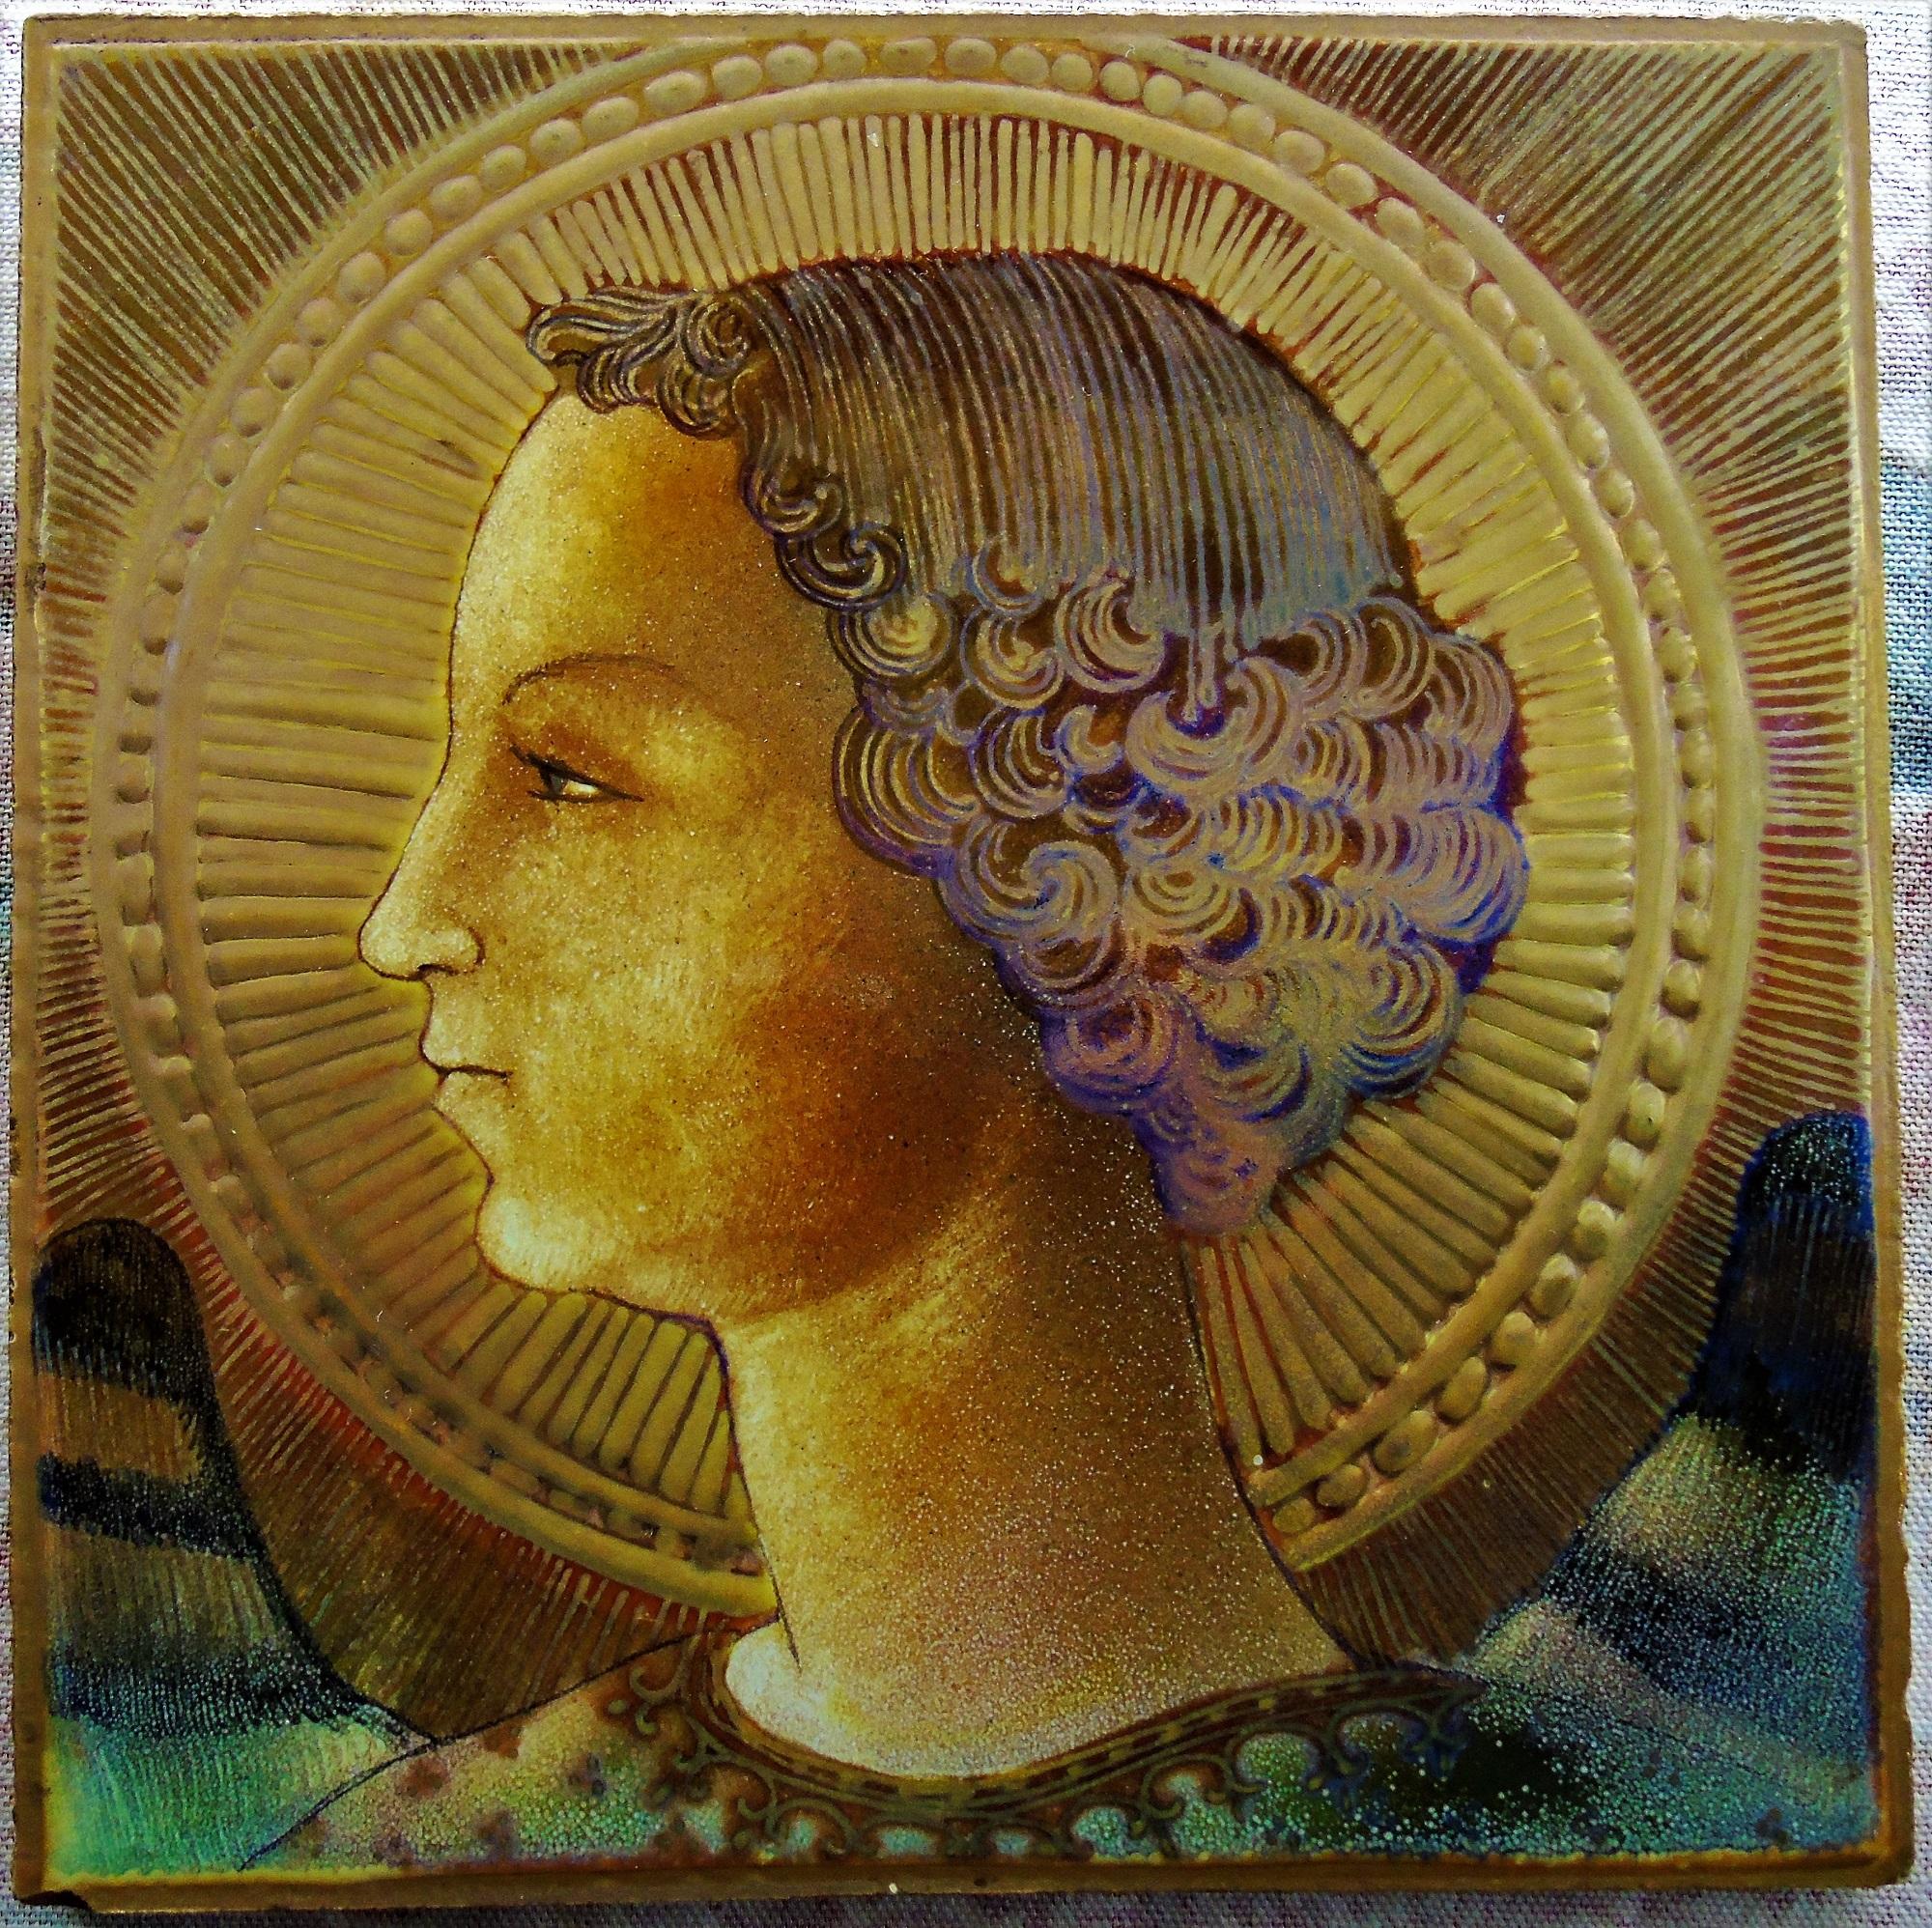 Foto prima opera di Leonardo da Vinci raffigurante l'Arcangelo Gabriele dipinto su una quadrella